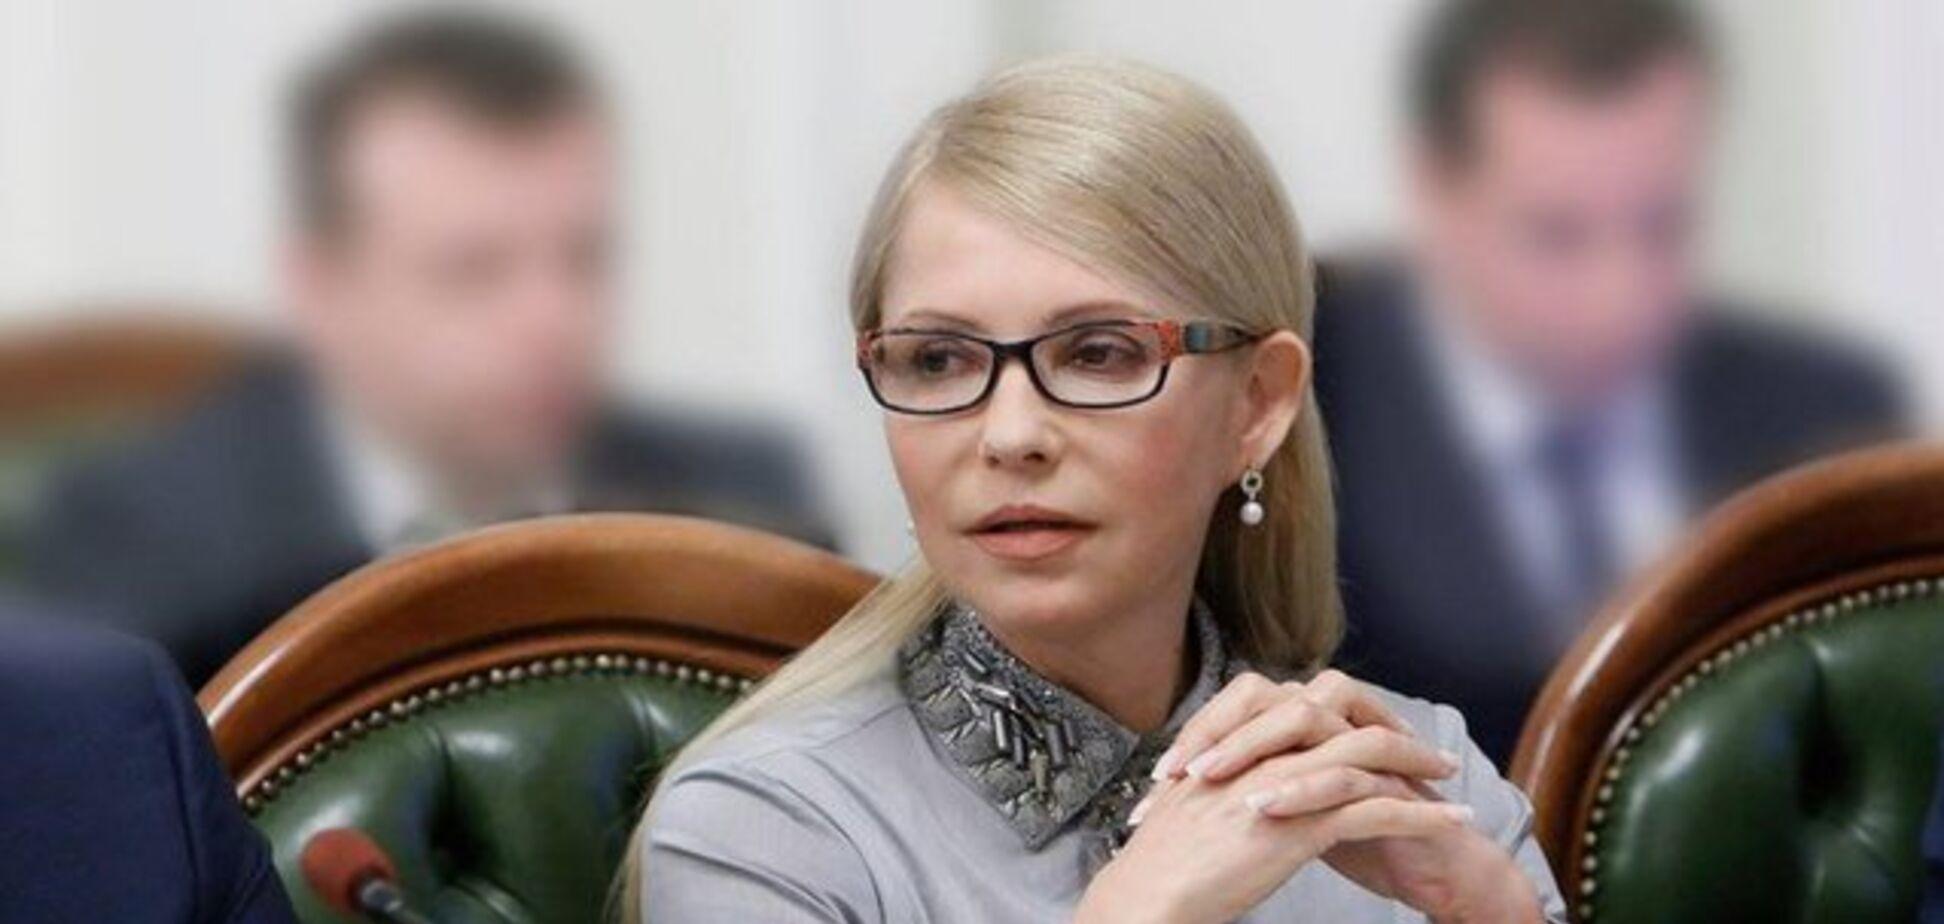 Кабміну дали квиток на вихід, Україна потрібна професійна стратегія, – Тимошенко